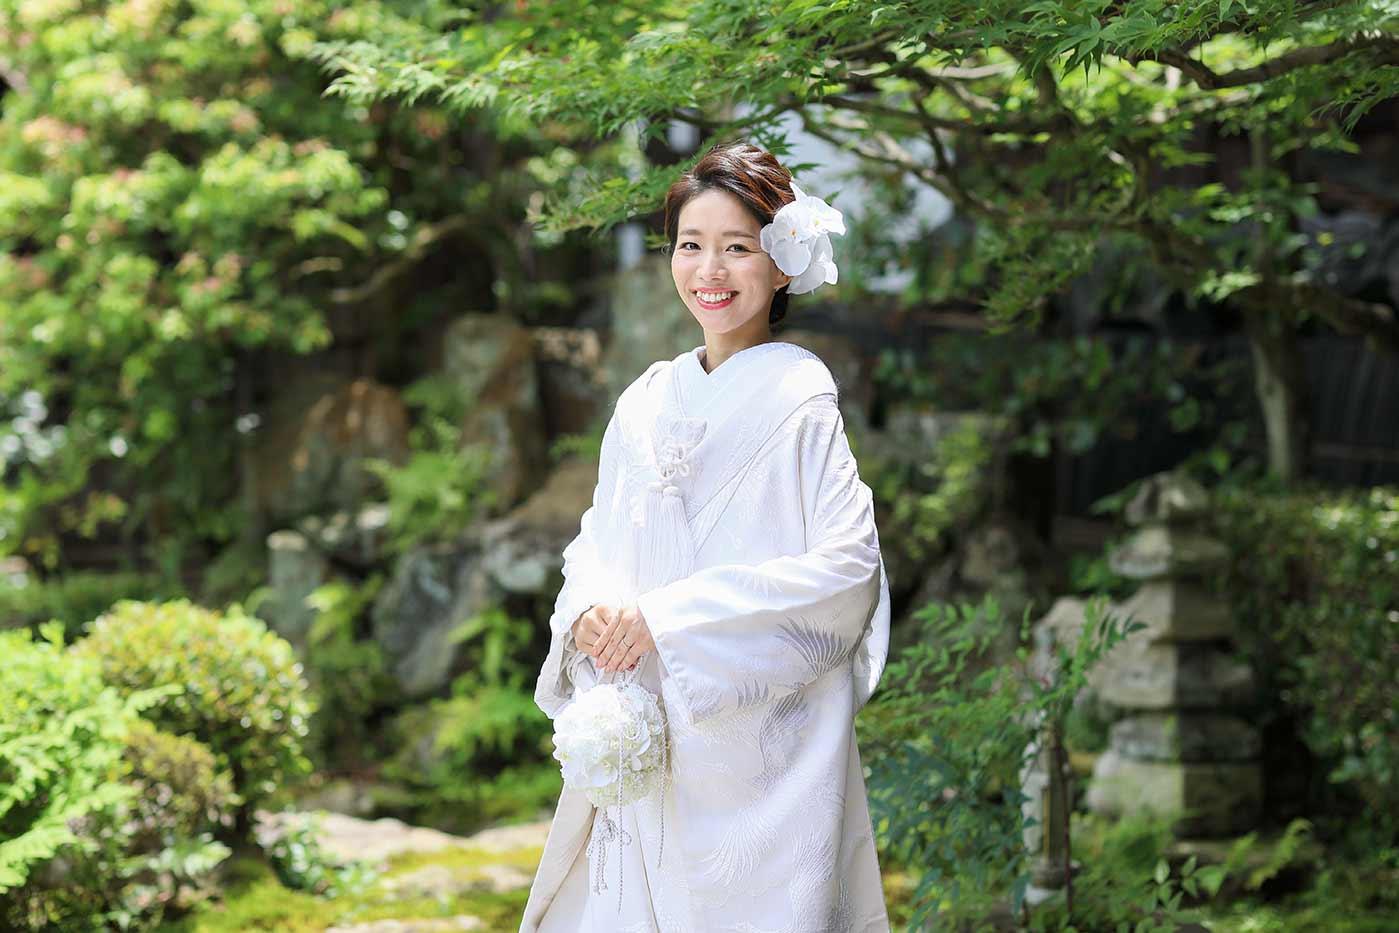 胡蝶蘭を使用したヘアメイクの花嫁様